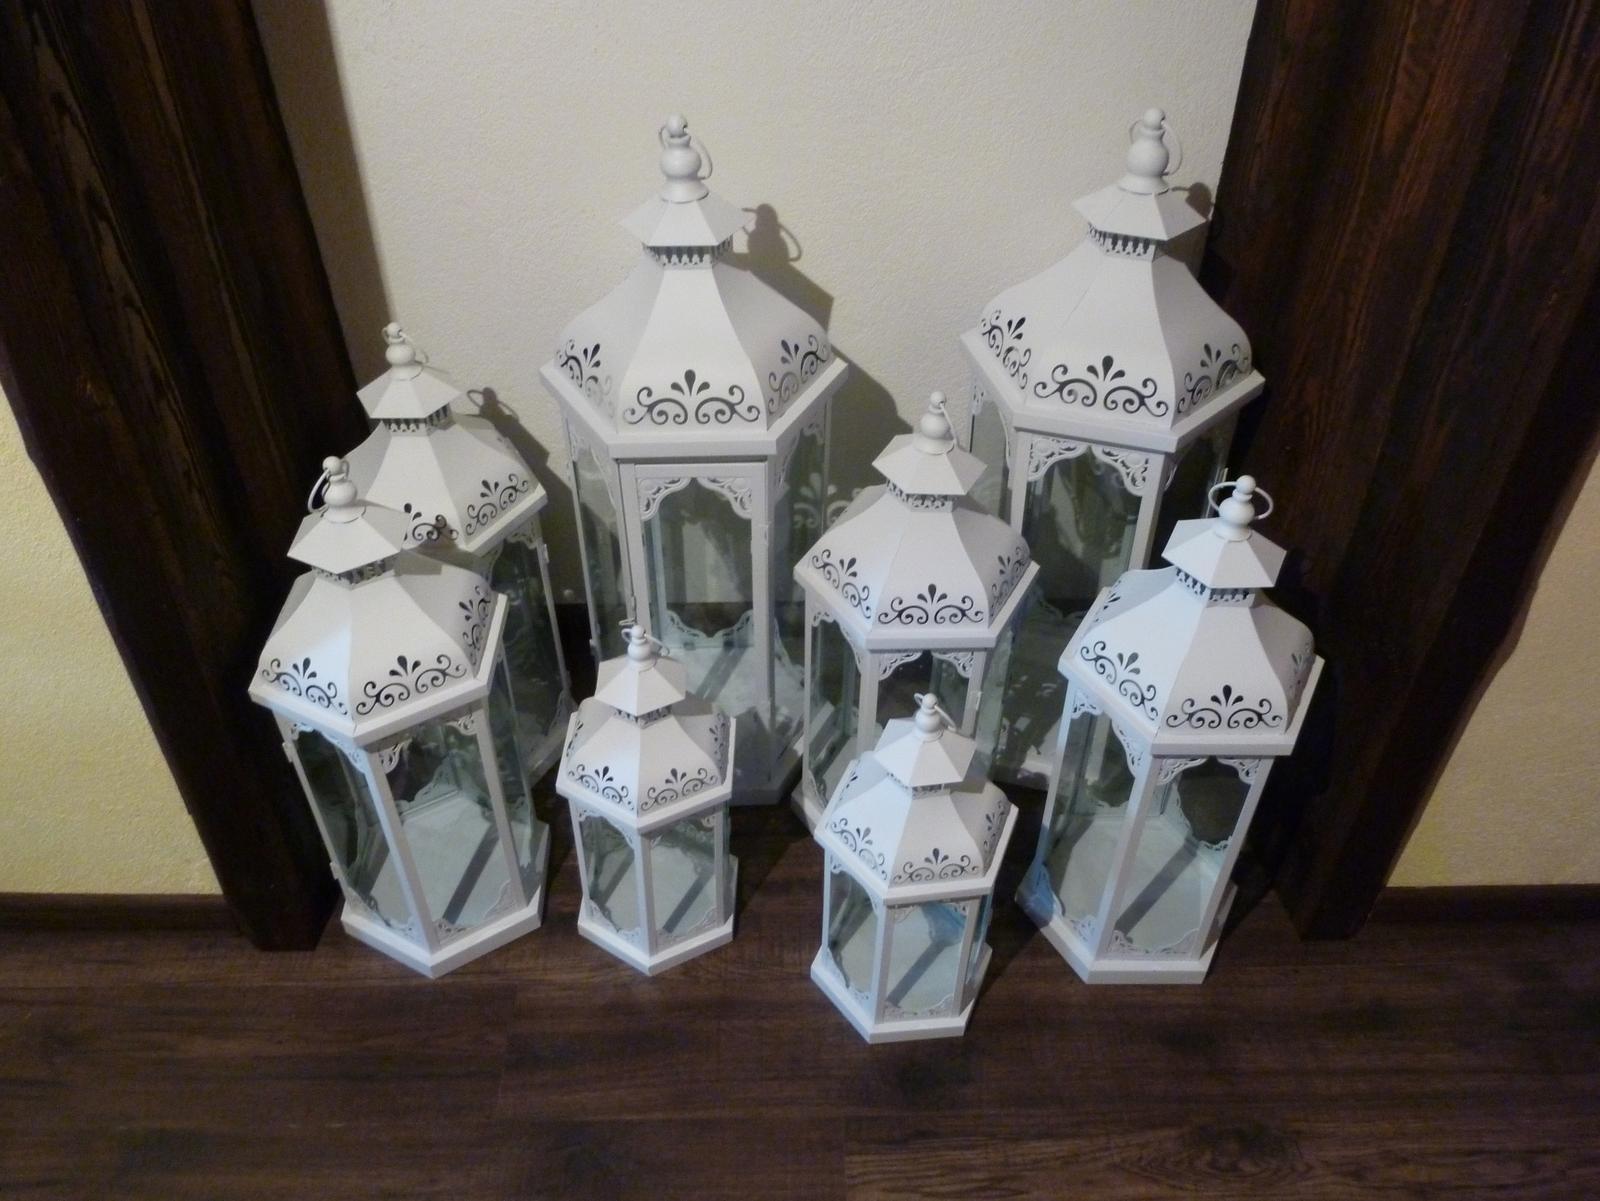 Biele svadobné lampáše na prenájom - Obrázok č. 2